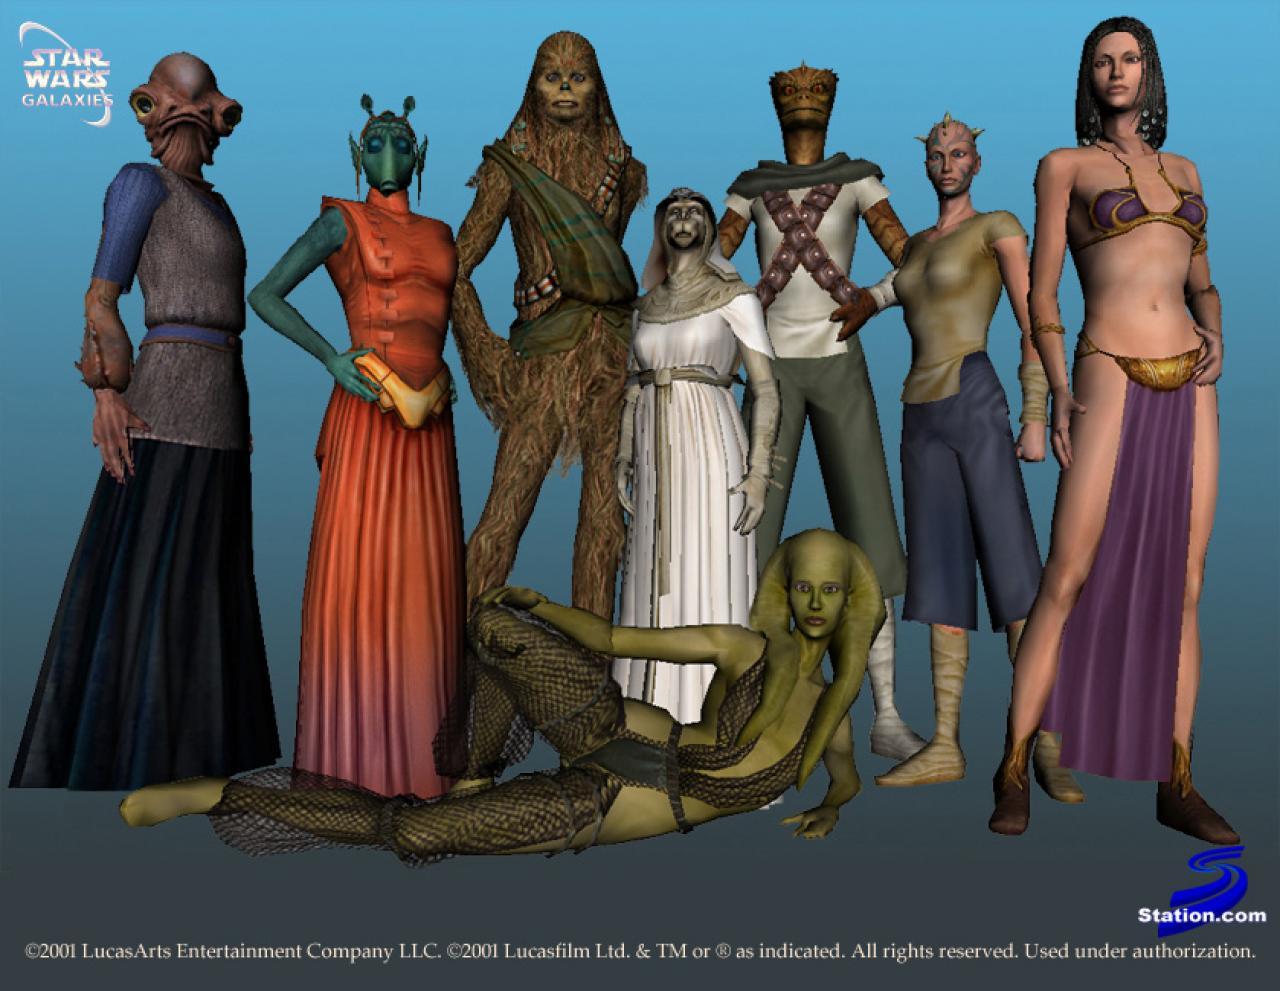 Star wars porn games kostenlos online adult clips